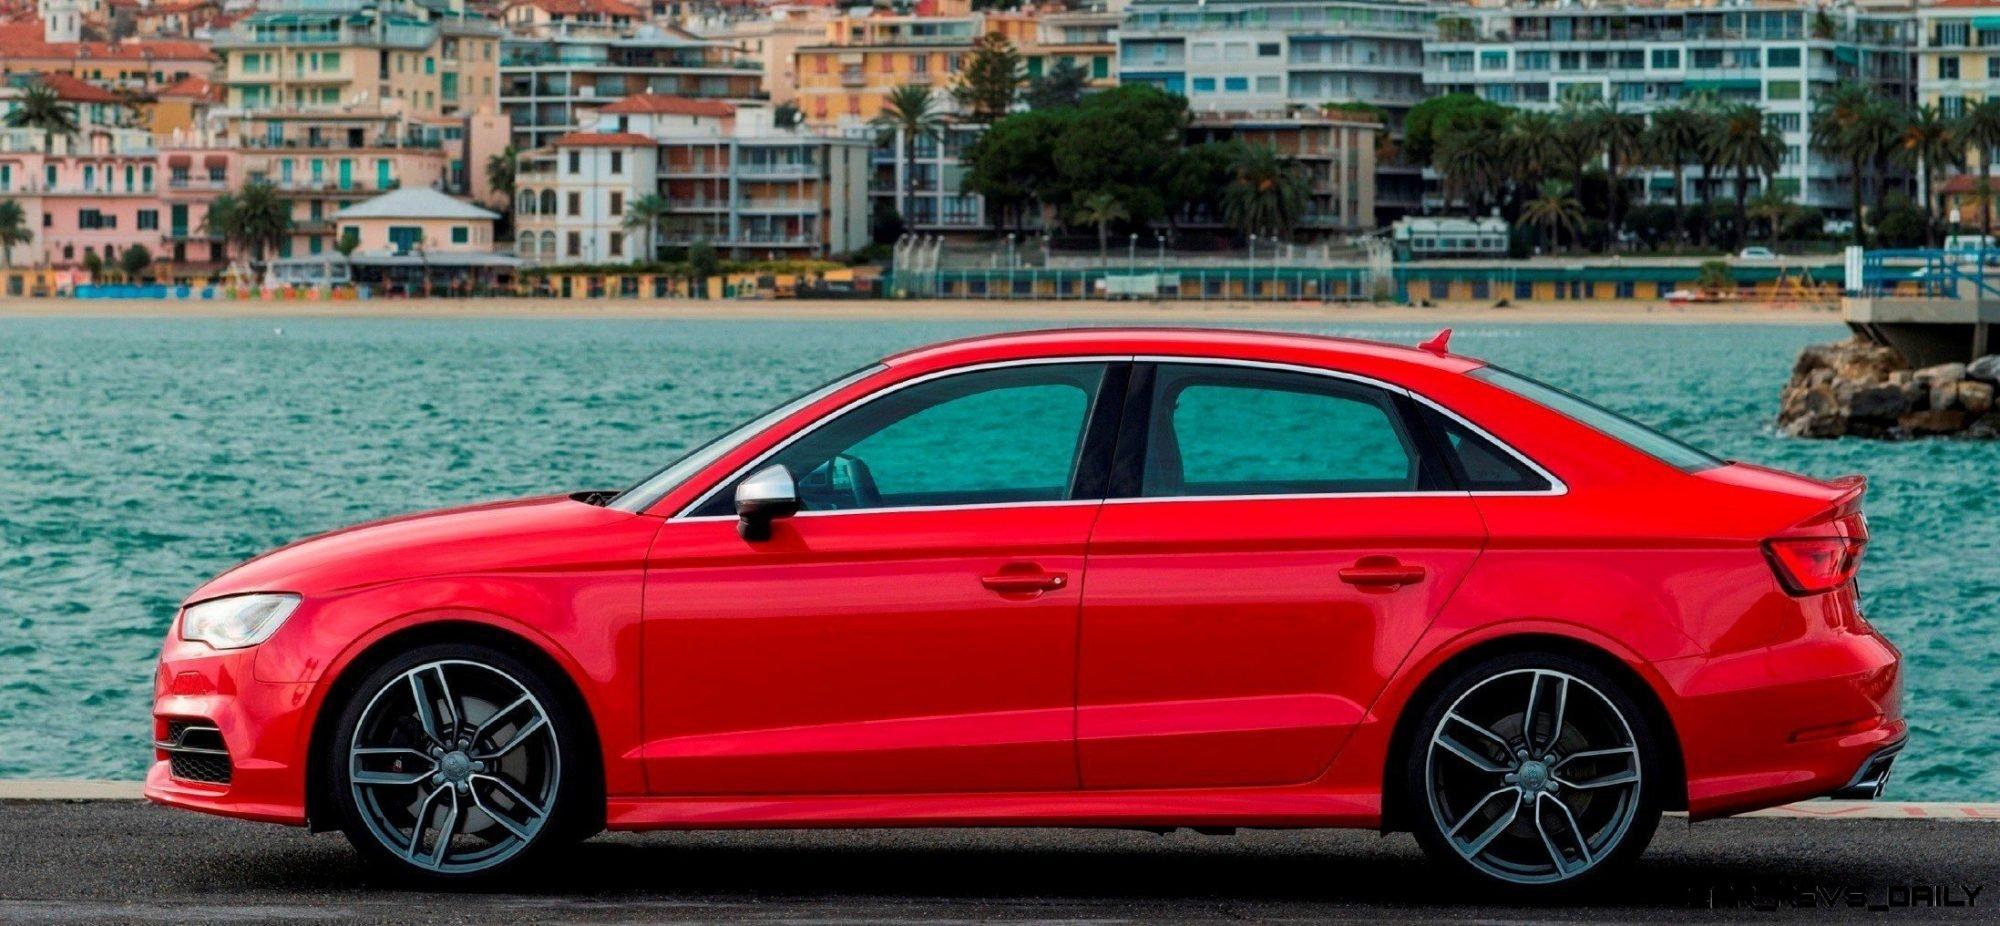 CarRevsDaily - 2015 Audi S3 Exterior 12